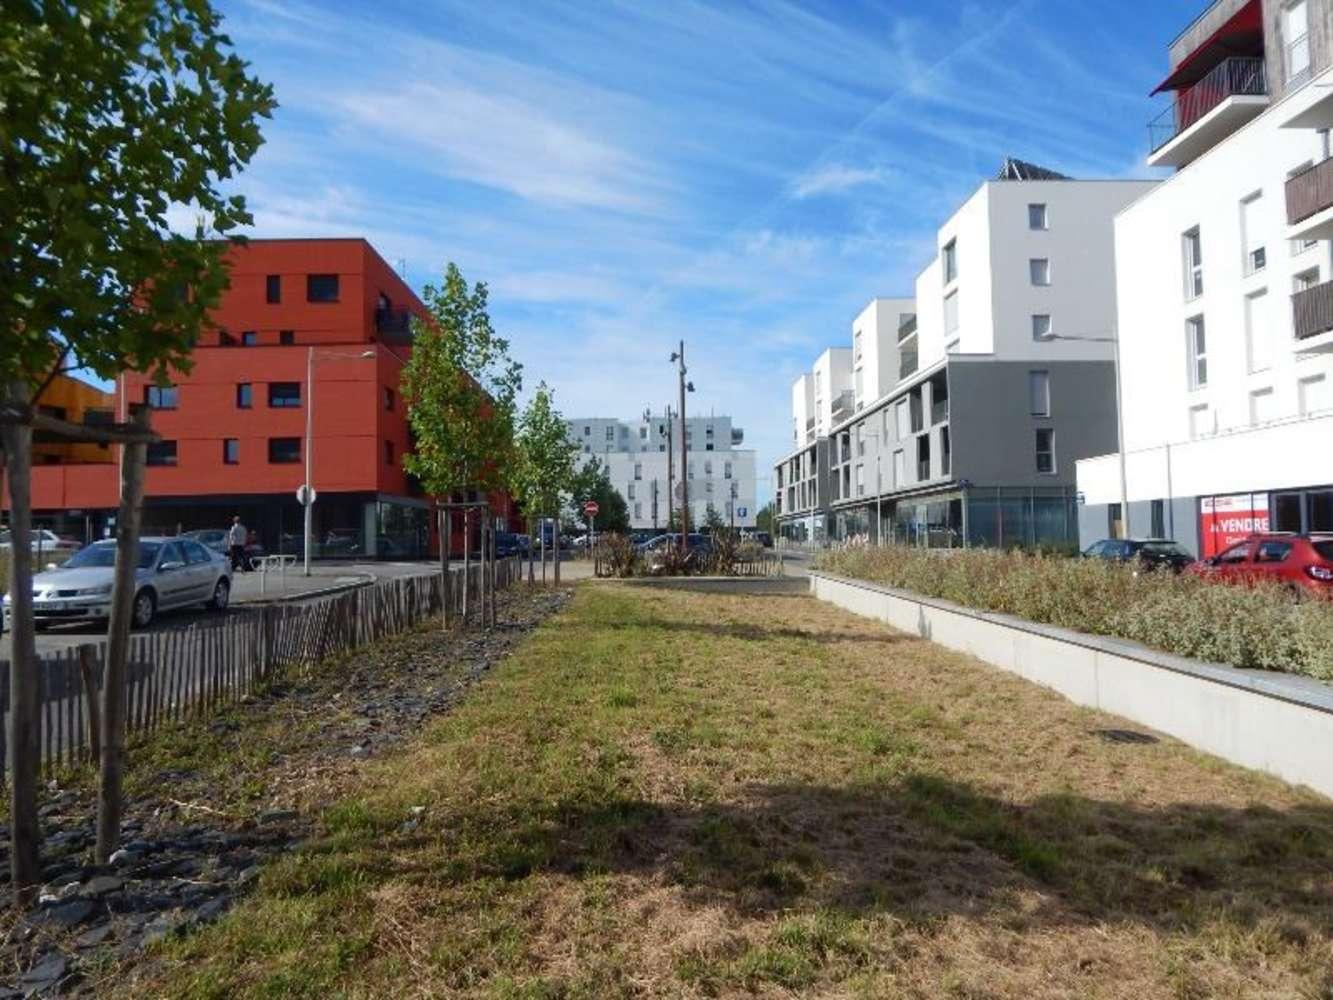 Activités/entrepôt Nantes, 44300 - 30. RUE DE LA PLANCHE AU GUE - 10804366